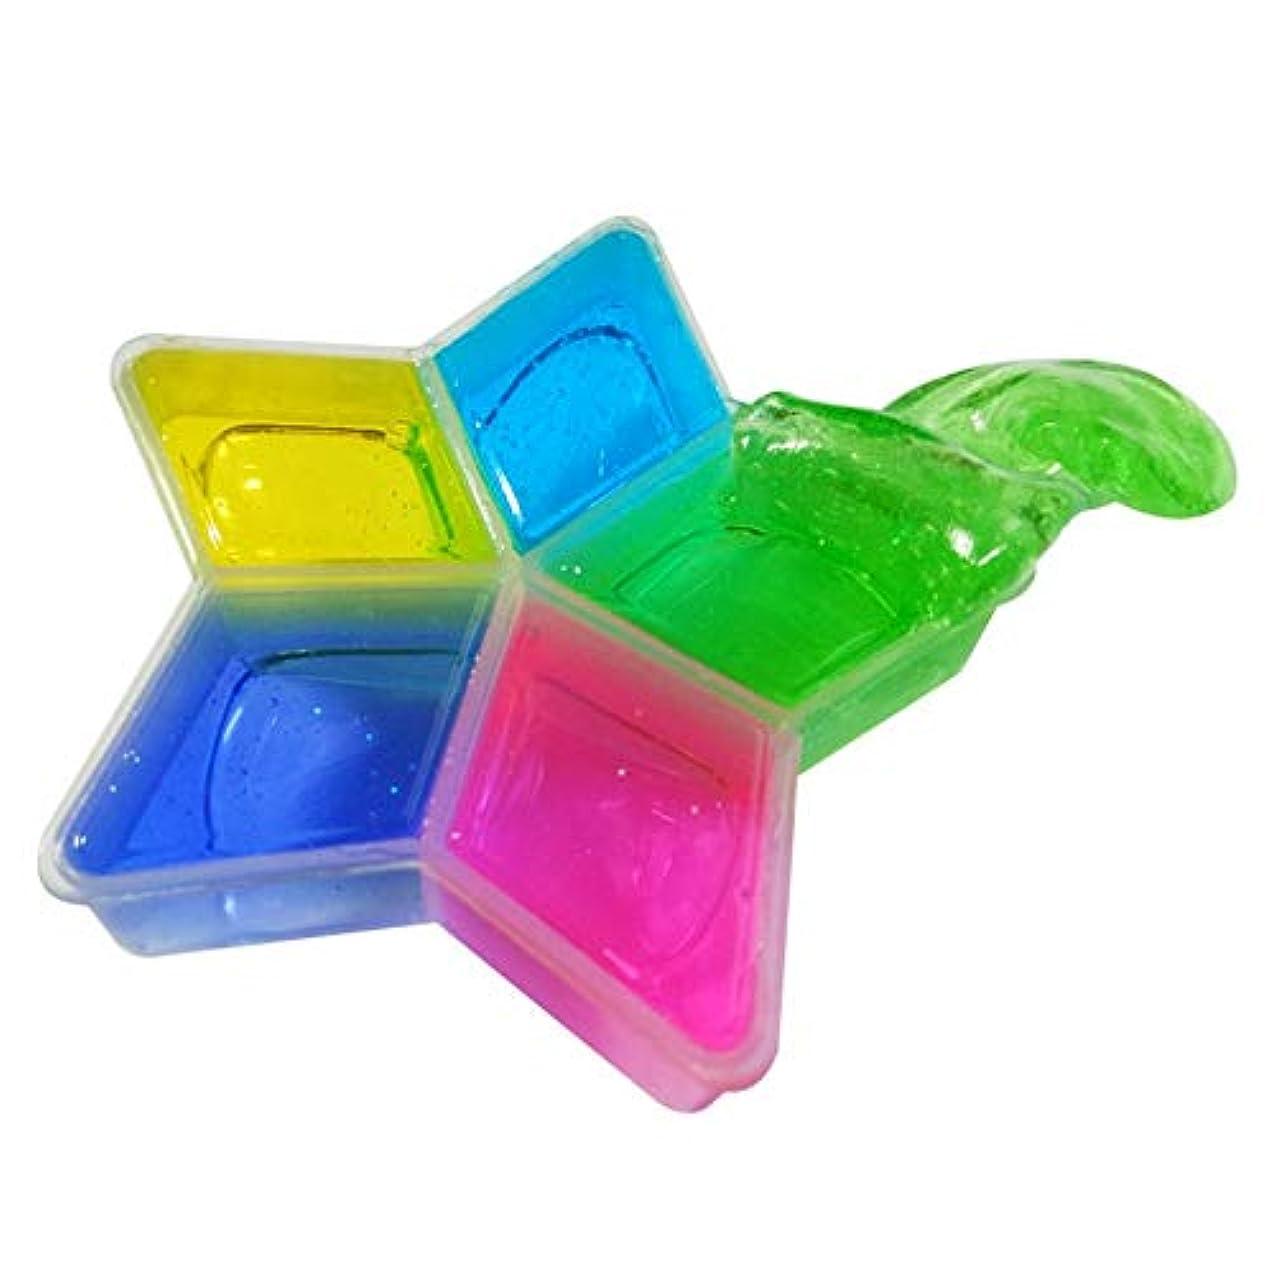 克服する延期する分泌するカラフルな非毒性5尖った星形クリスタル泥diy安全な環境子供子供クリスタル泥粘土のおもちゃ(Color:multi-color)